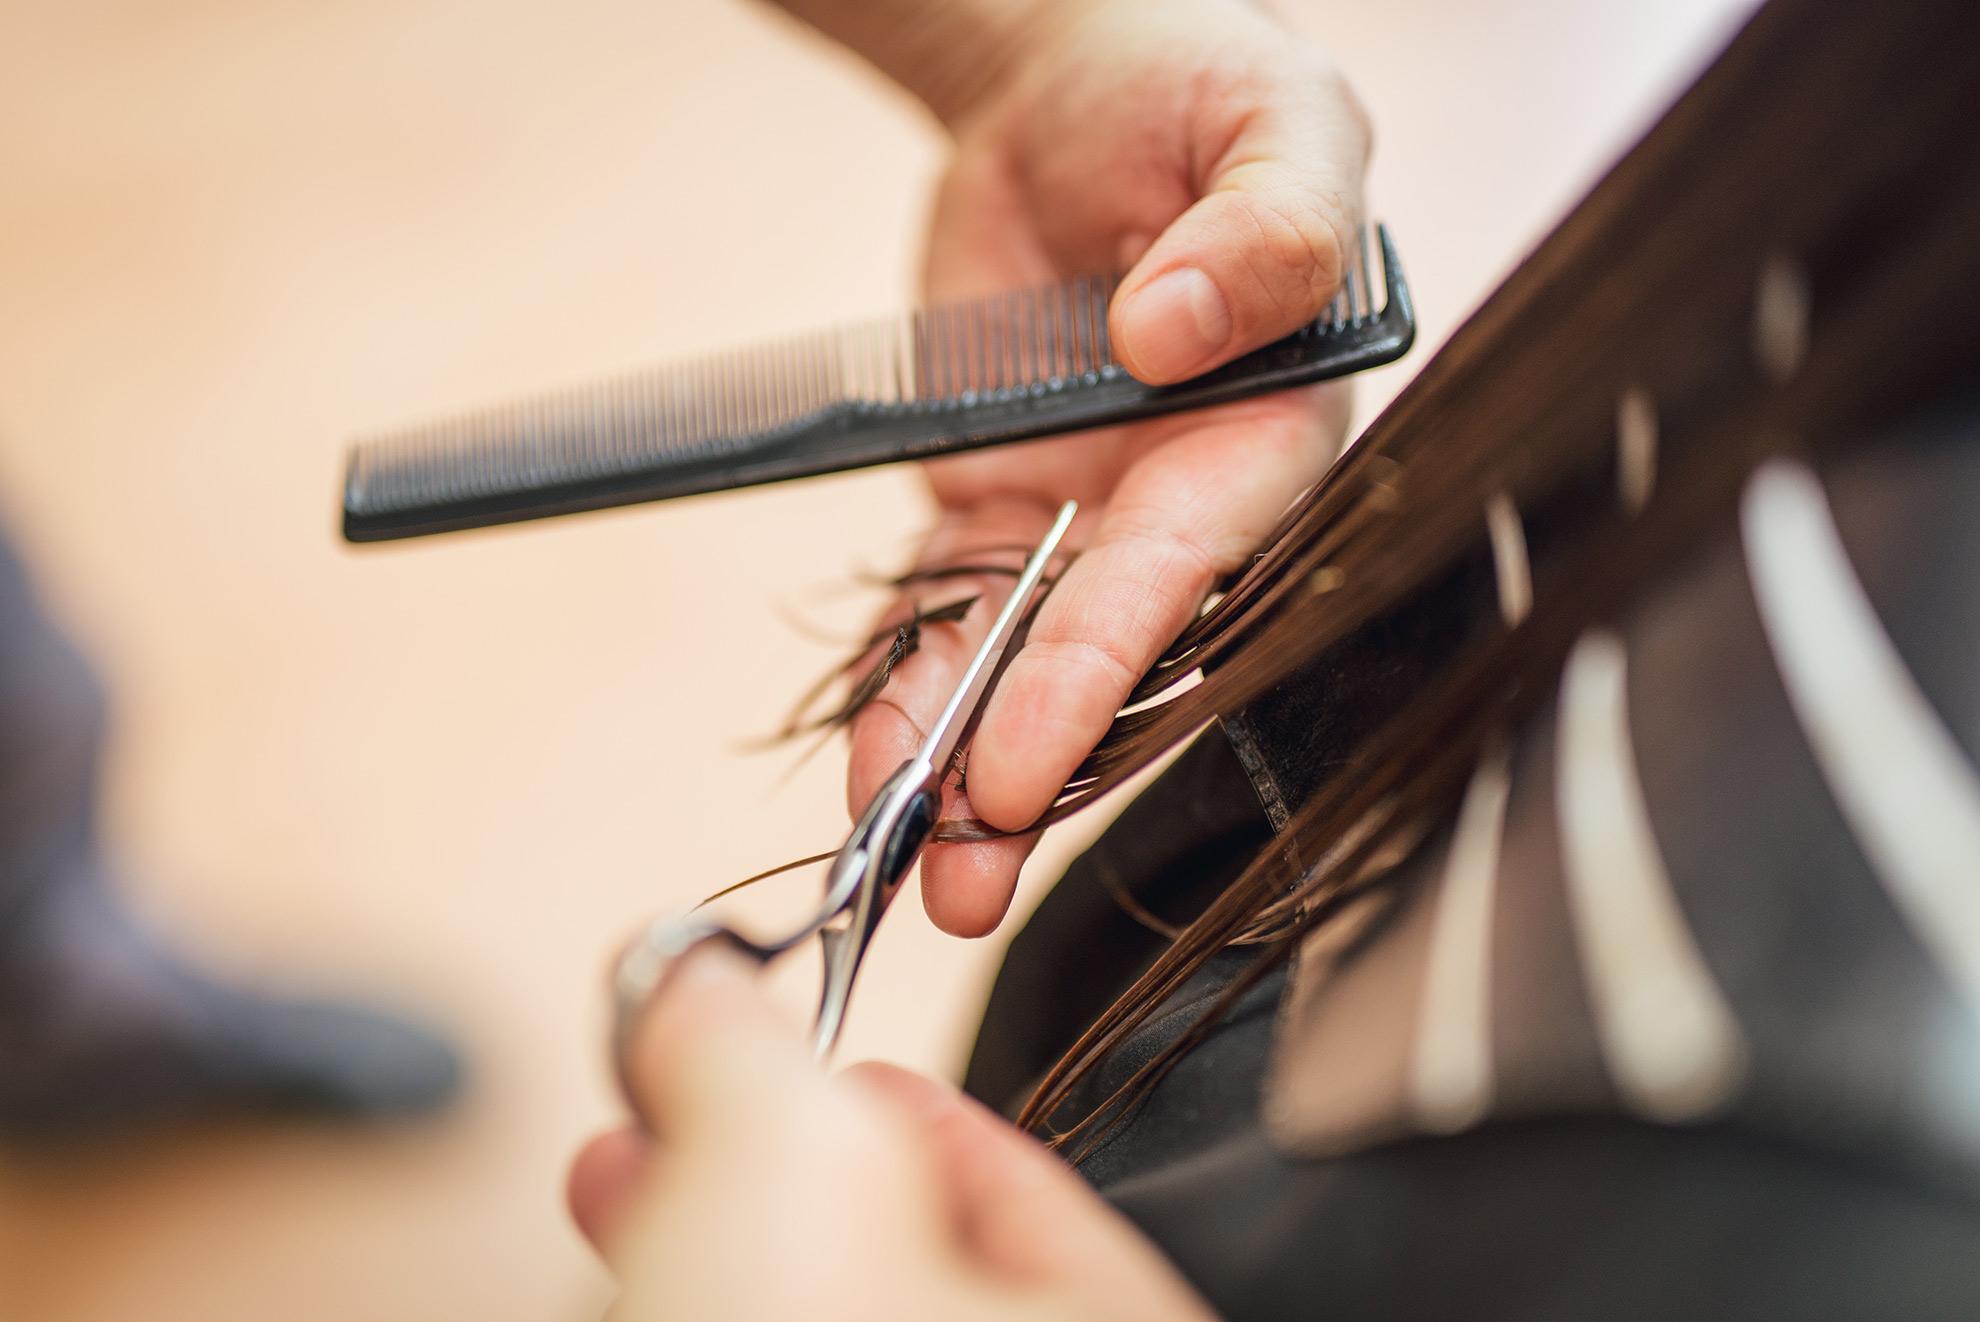 Cięcie włosów przez fryzjera, ilustracja do artykułu